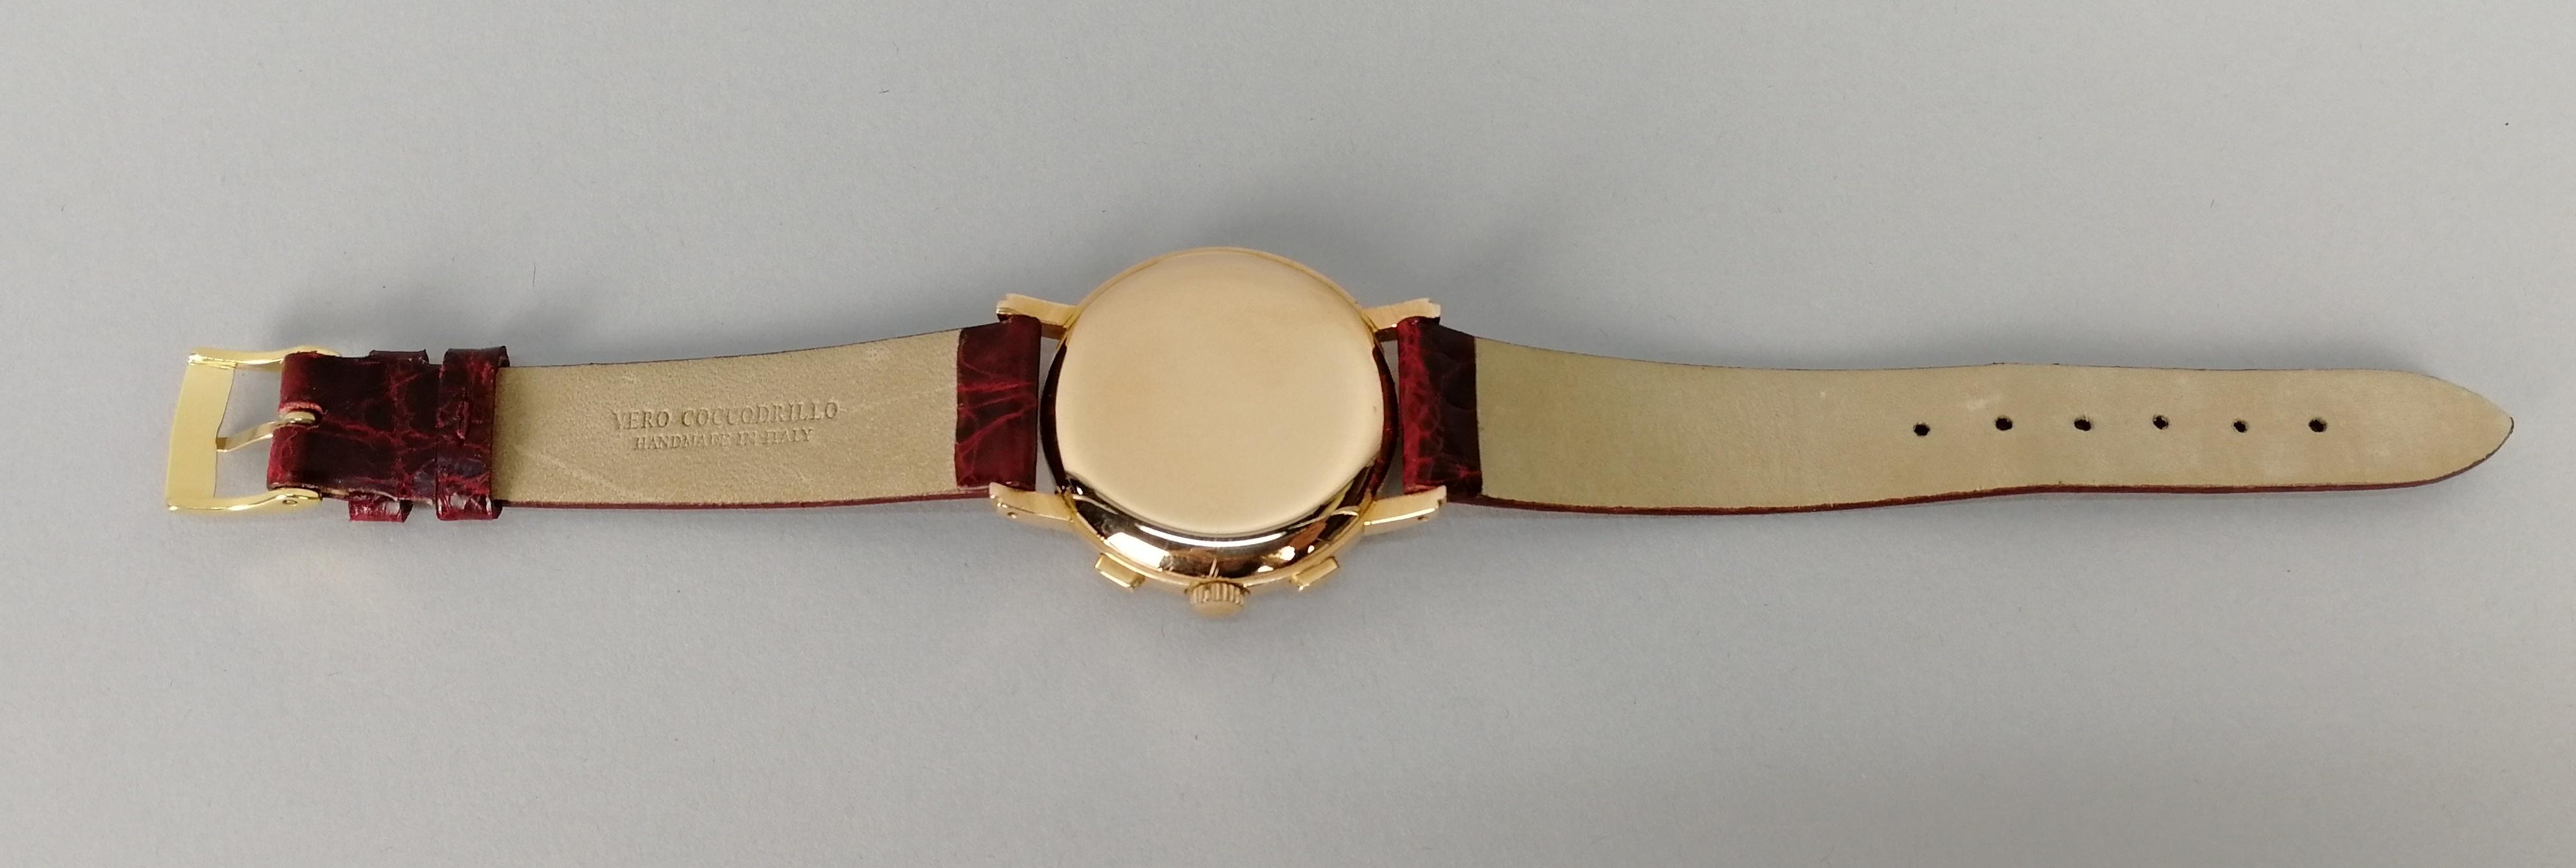 Lot 33 - MOVADO. Orologio da uomo in oro rosa 18 kt. Cronografo a due contatori C90M. Quadrante originale